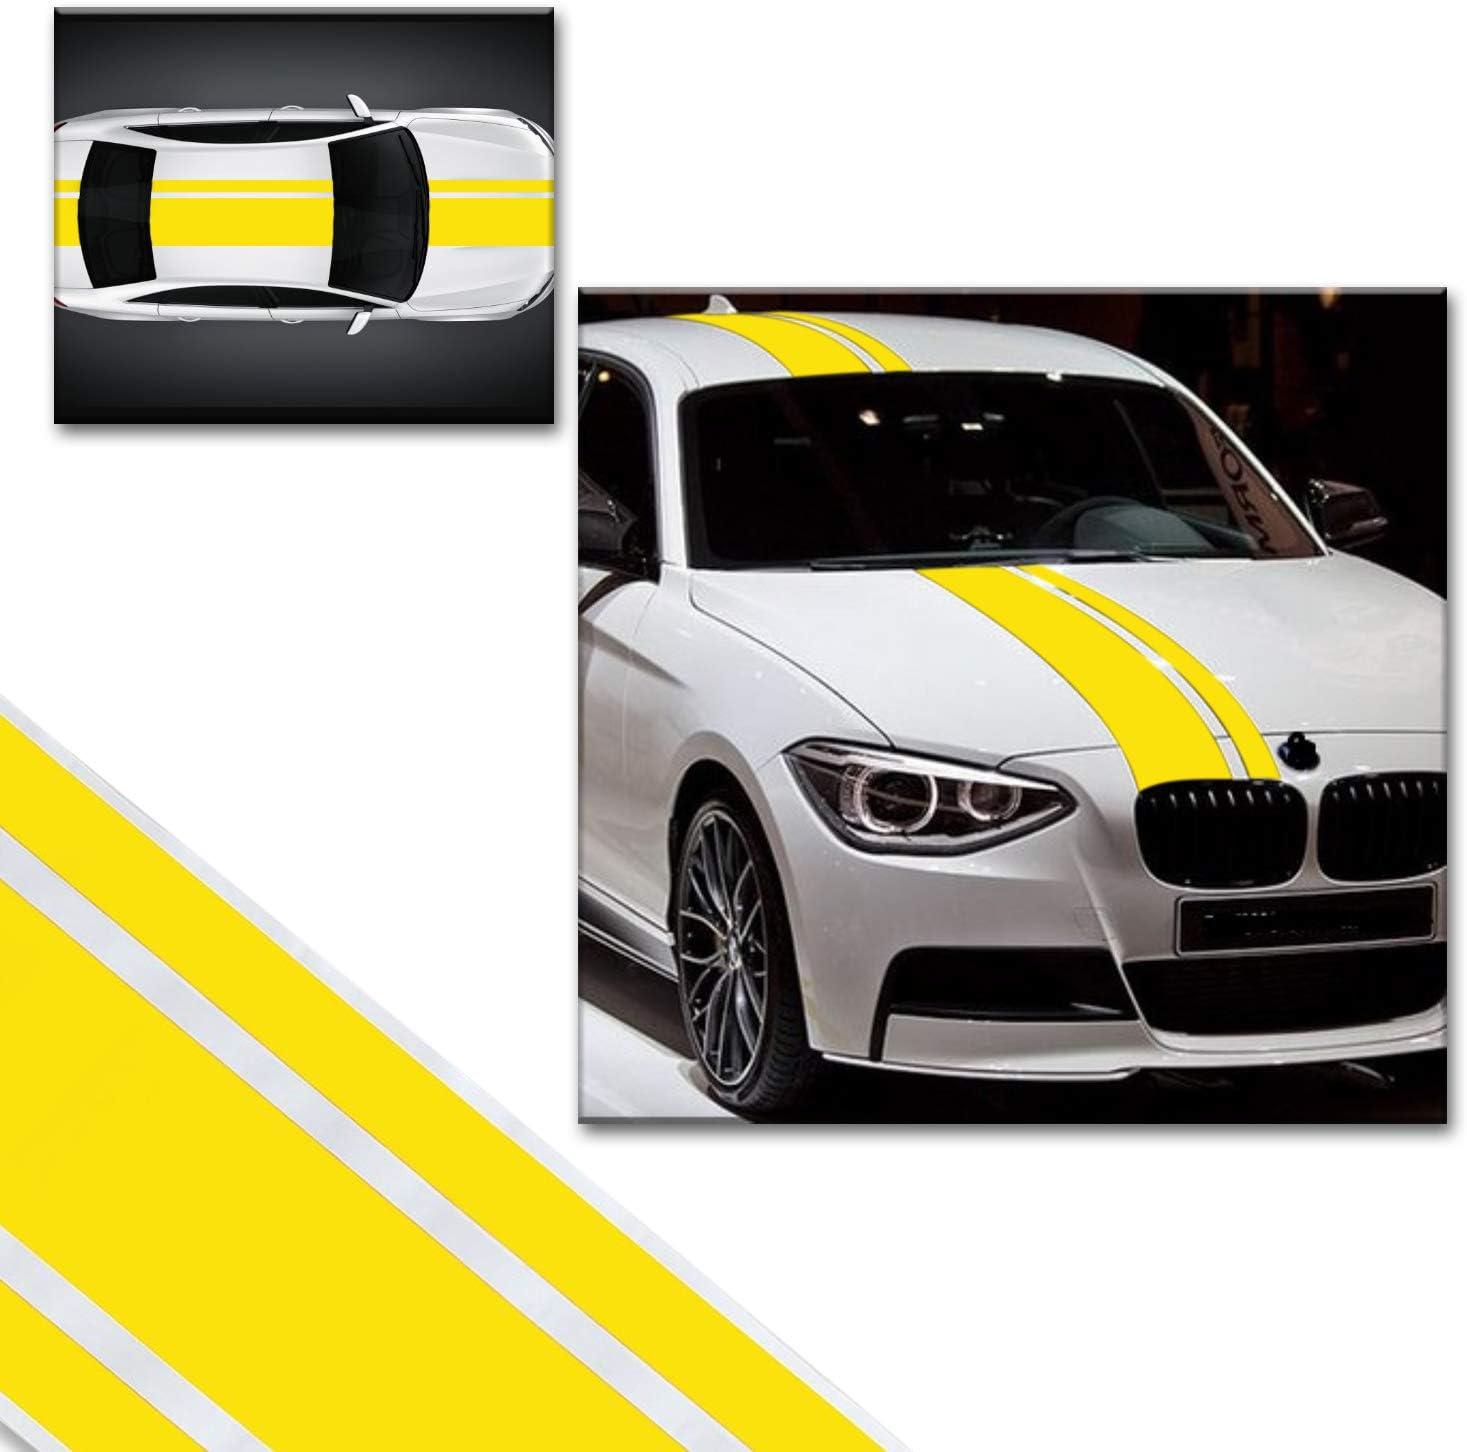 Adatech Vinyl Sticker Aufkleber Fur Auto Vinyl Streifen Universal Gelb Farbe 130cm Auto